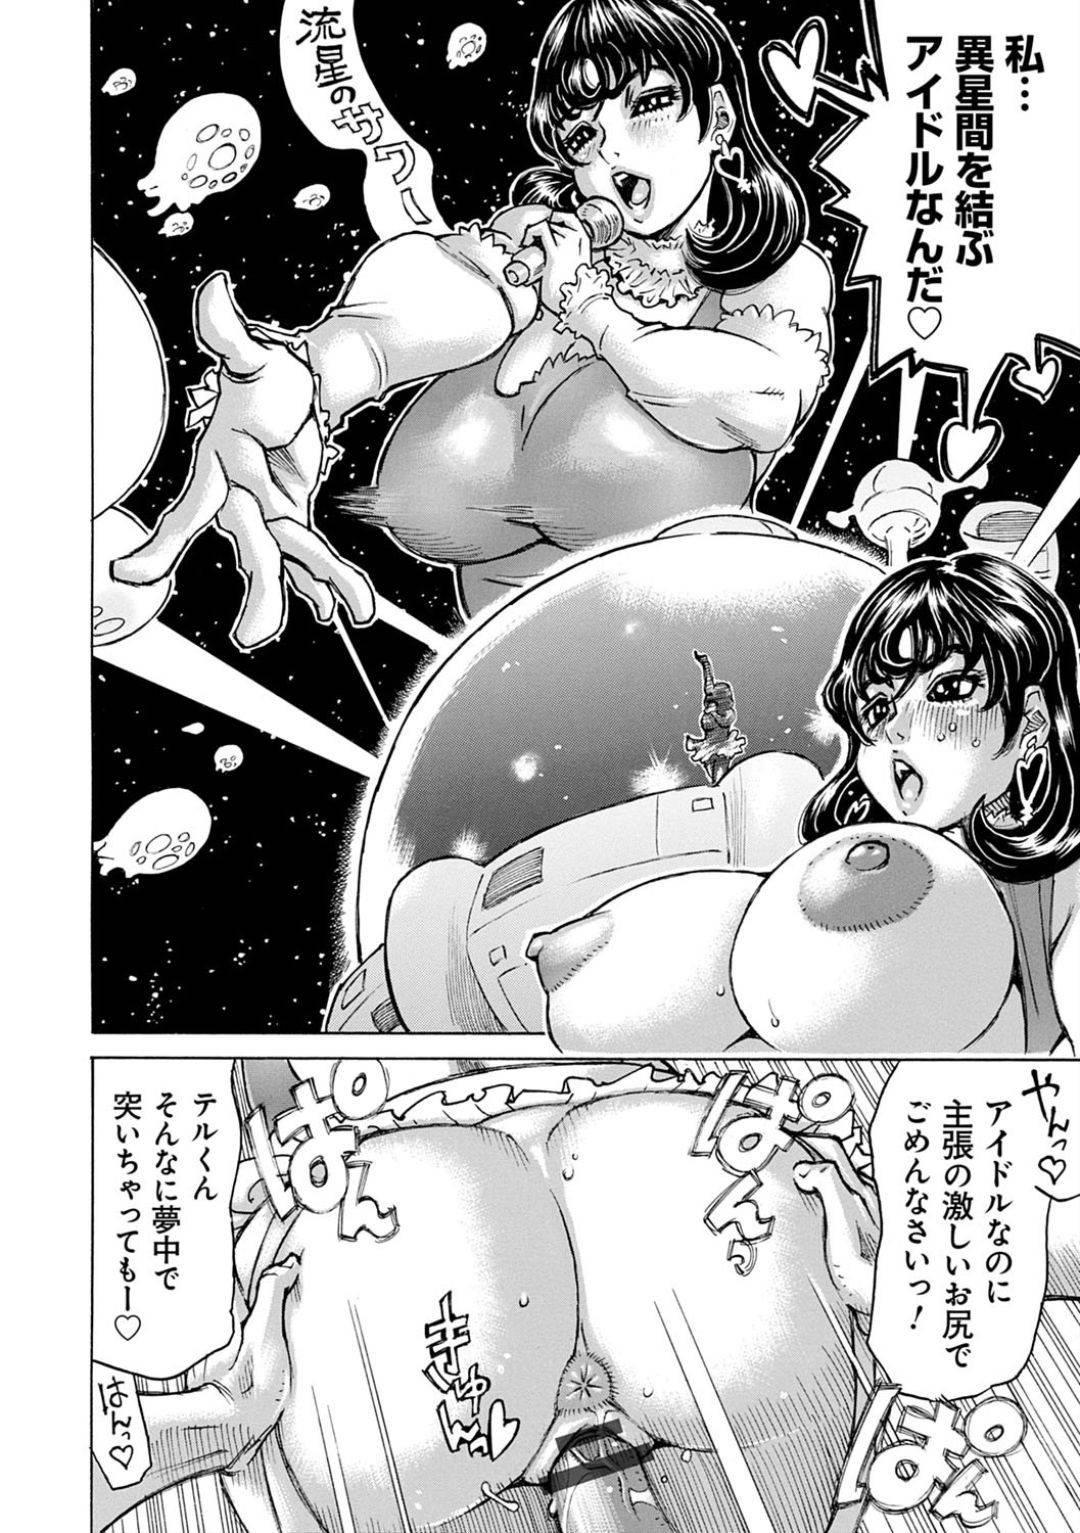 【エロ漫画】宇宙人に性欲を高められたショタから指名を受けて駆け付けたメガネ爆乳お姉さん…辛そうなショタチンポを見ていきなりフェラ!射精すれば収まると思っていたが全く収まらず場所を変えてセックス三昧!憧れのお姉さんに連続射精!【ミル・フィーユ】